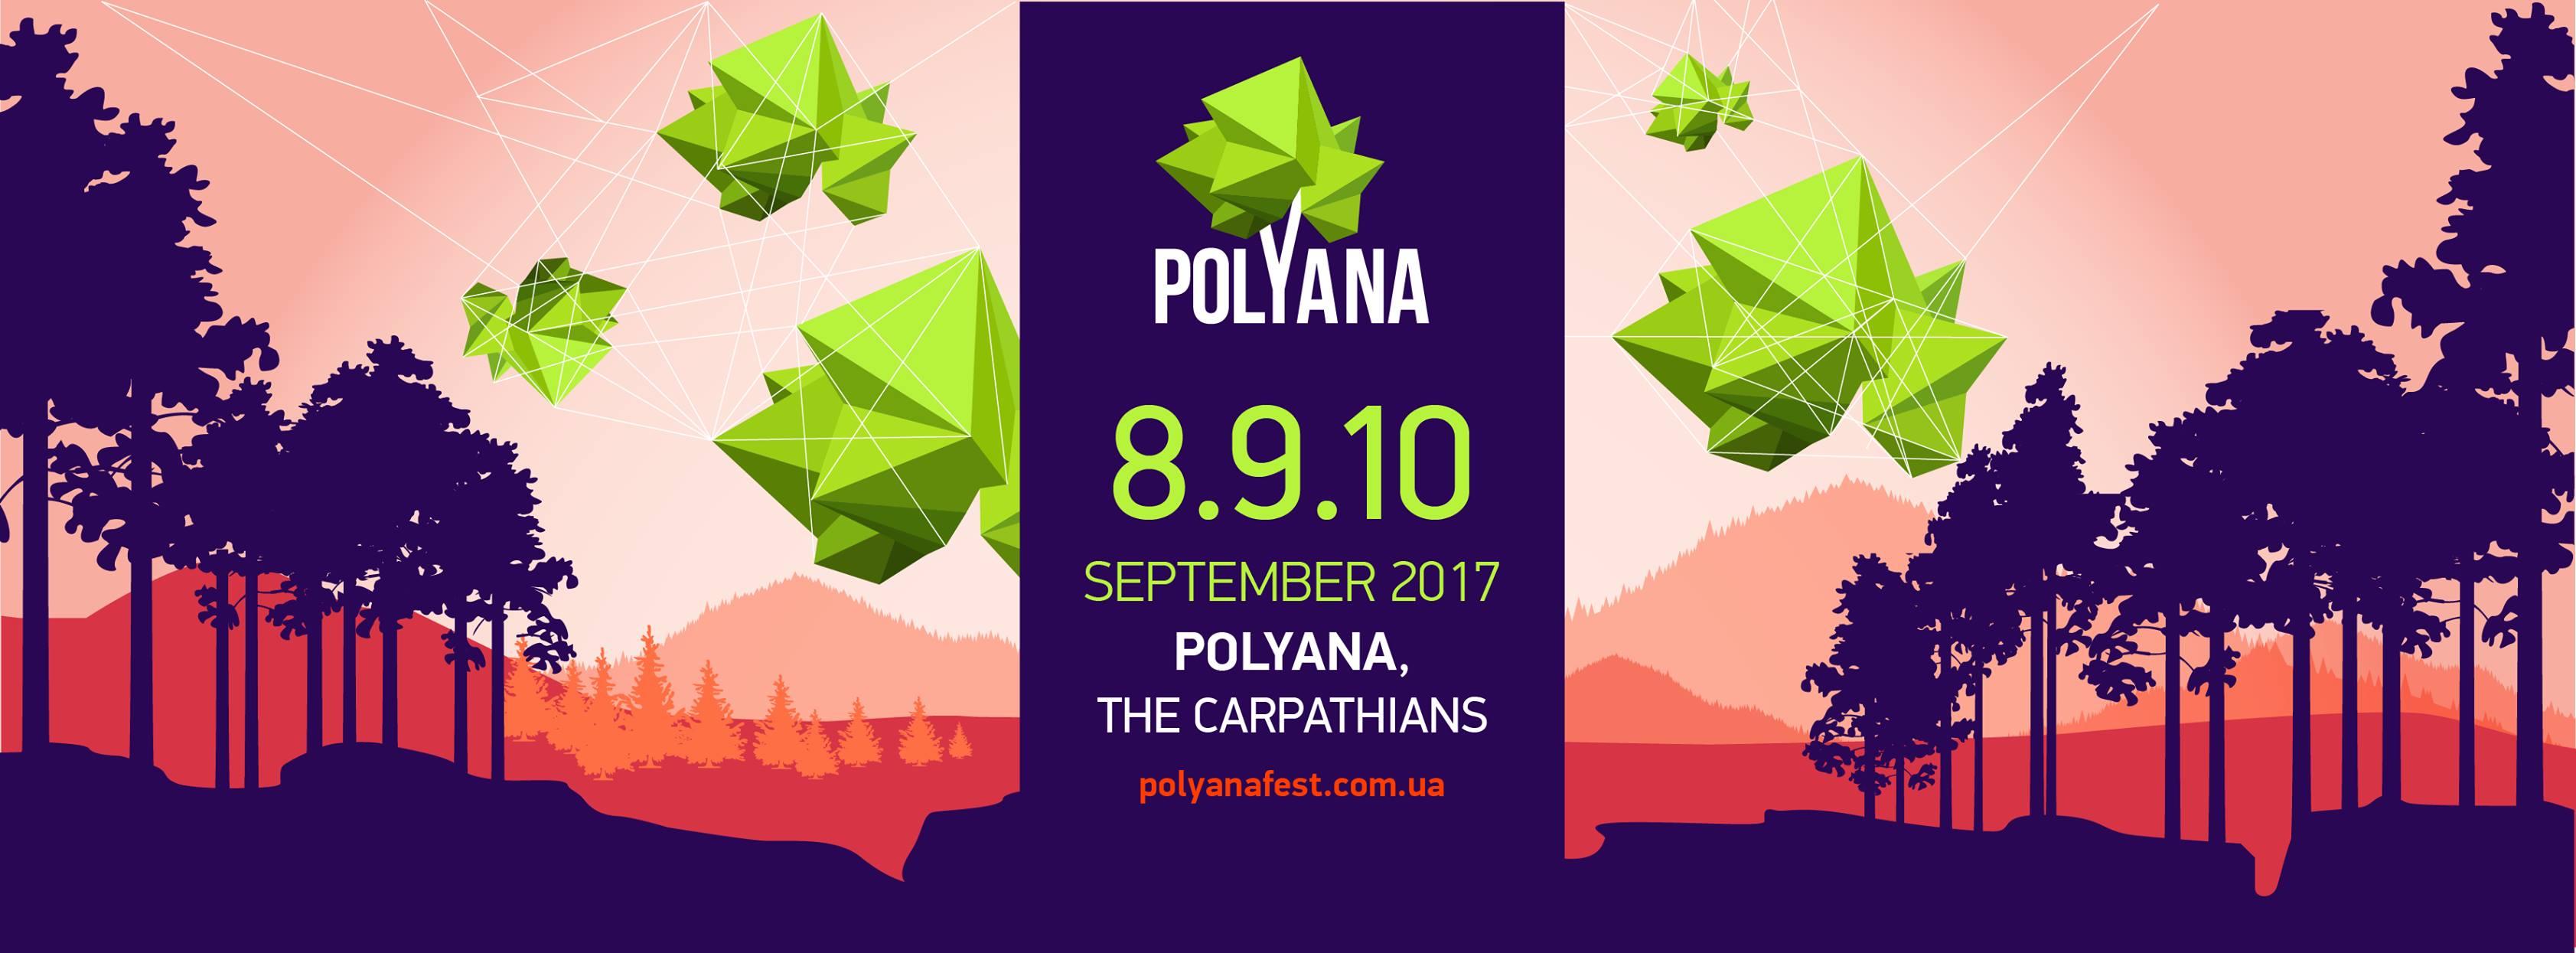 Polyana Festival 2017 September 8-11